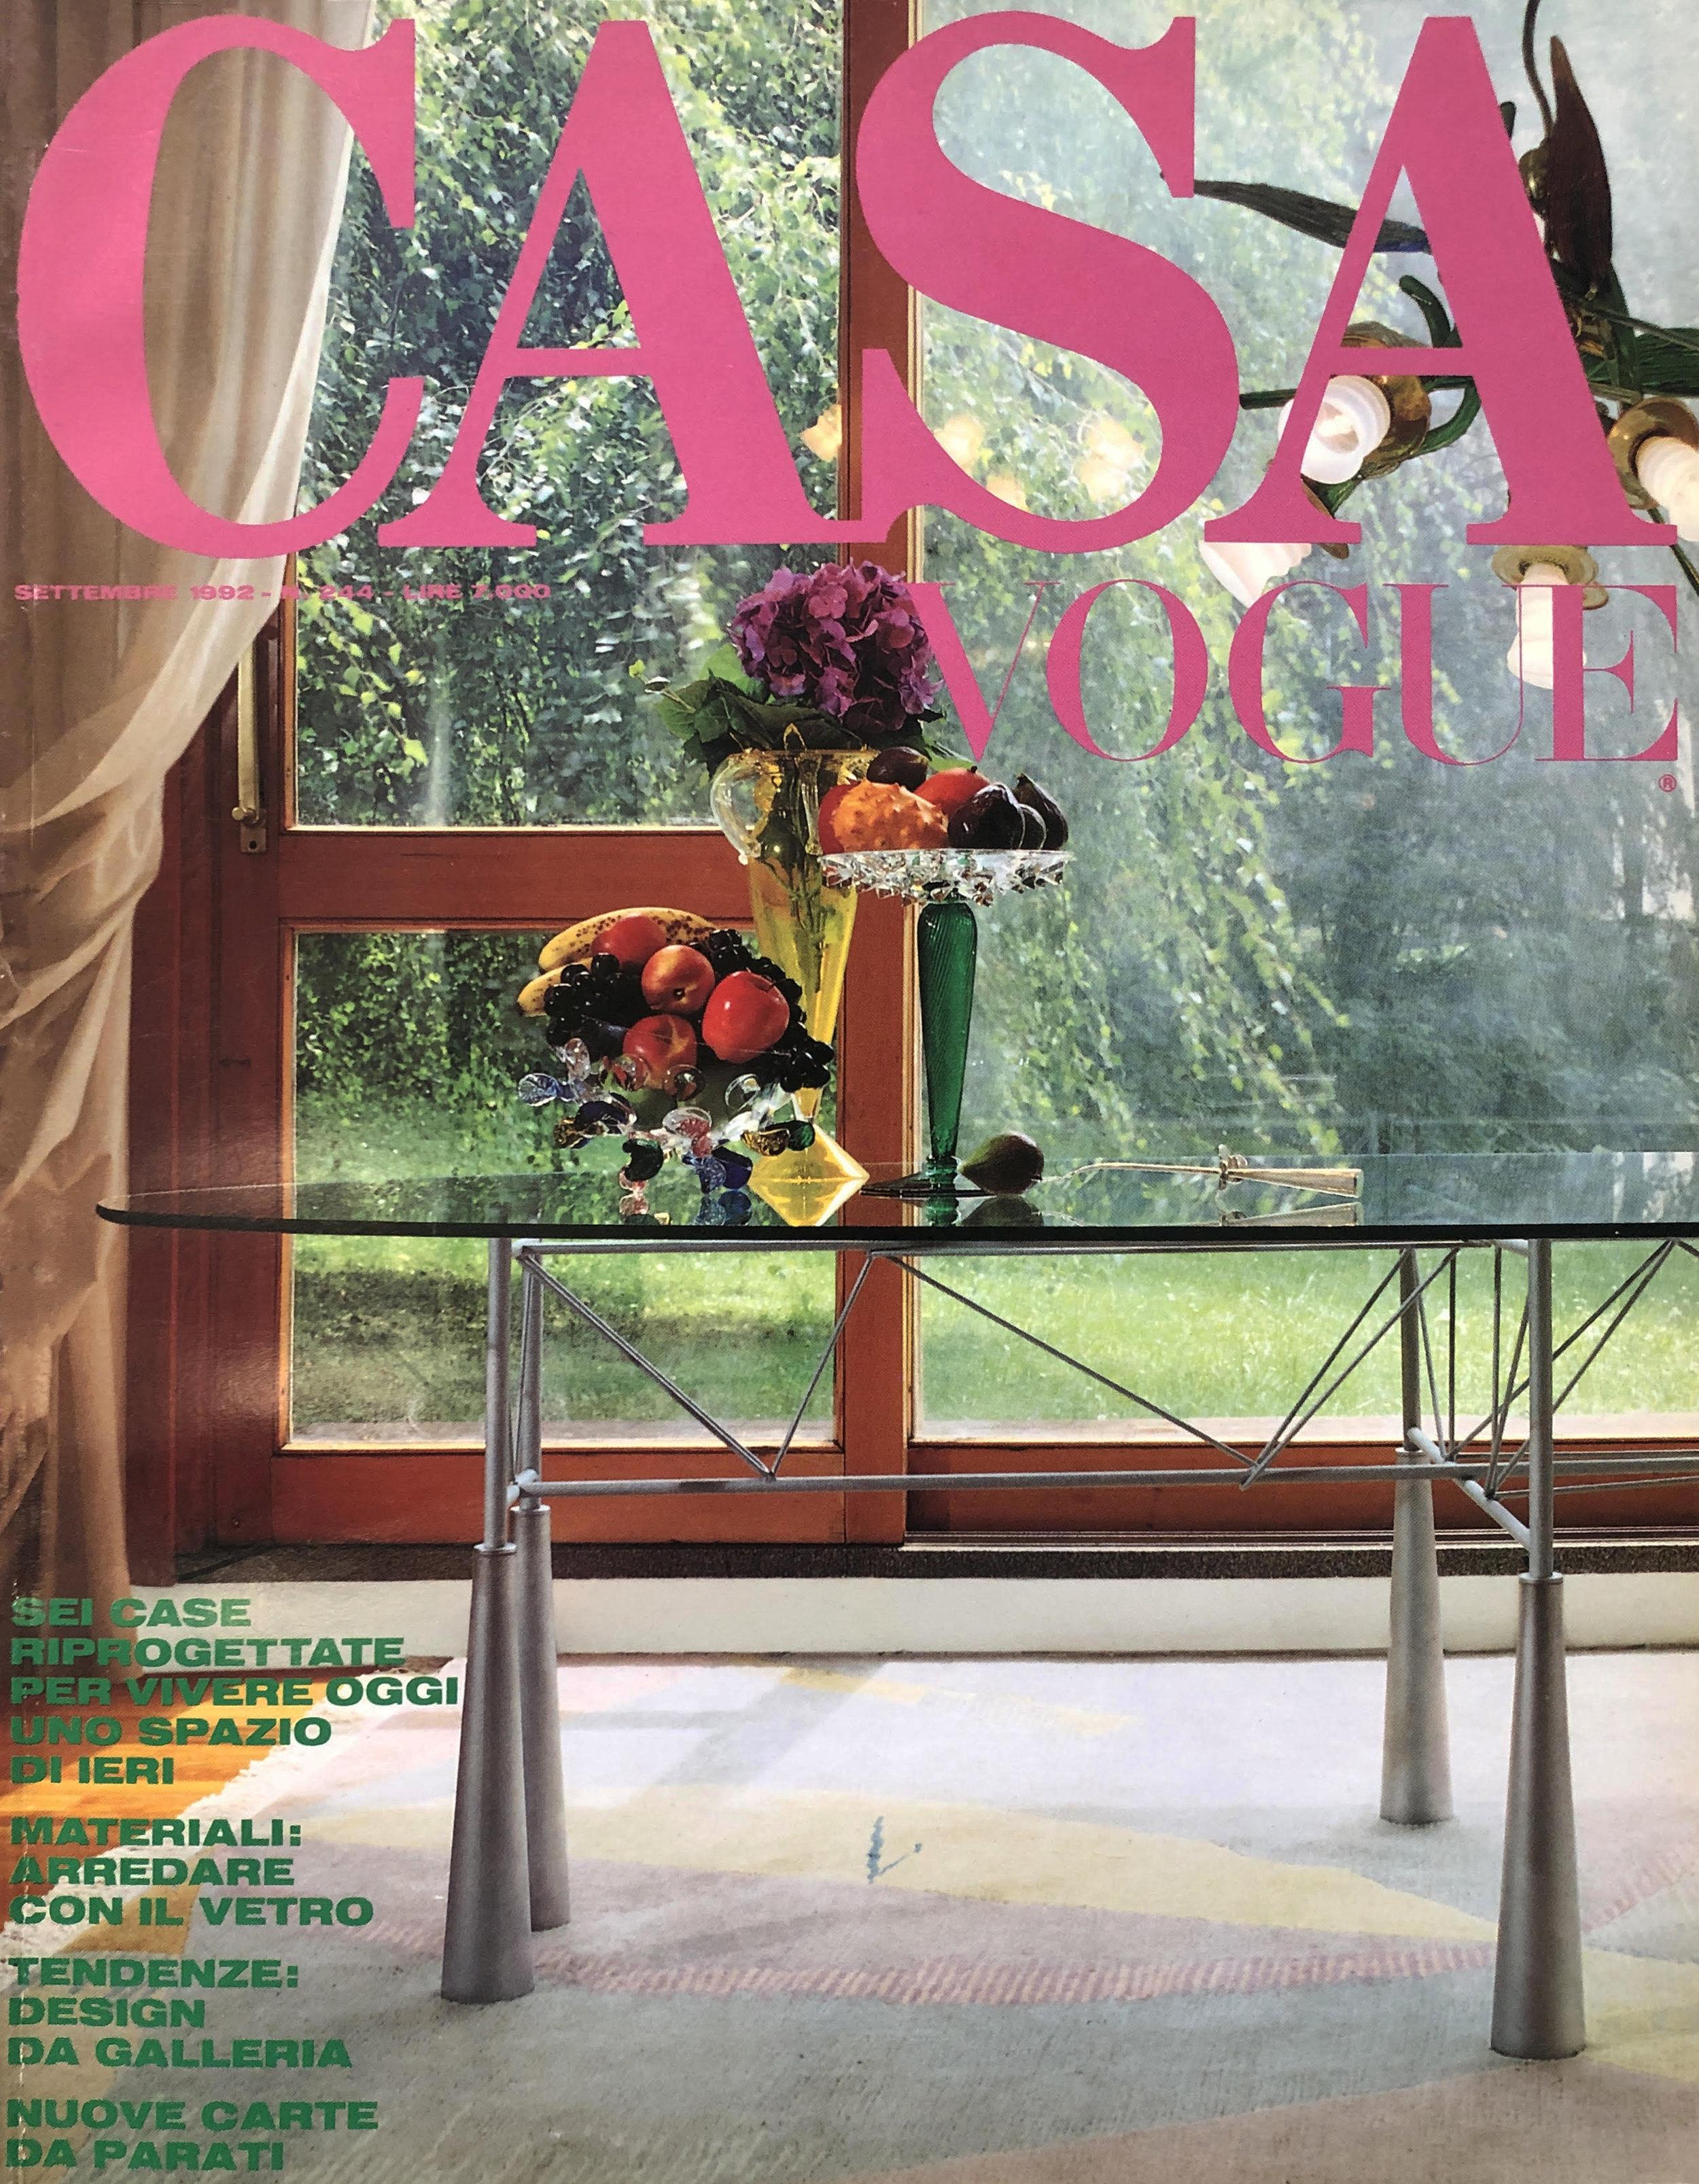 Casa Vogue.jpg